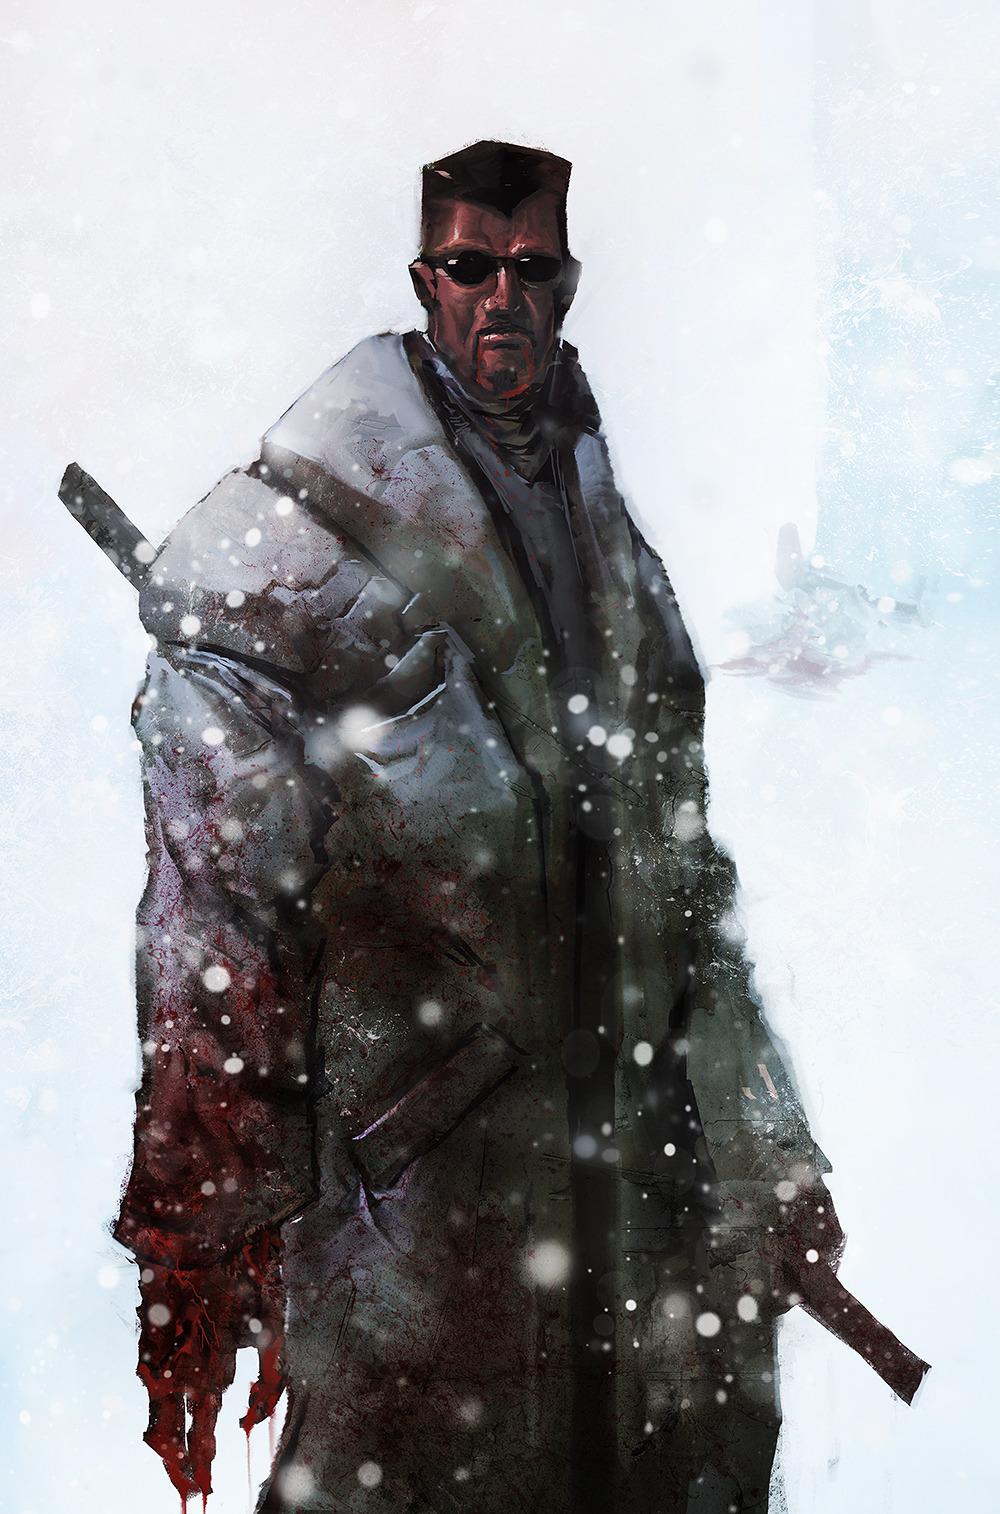 Bladeby Aaron Nakahara